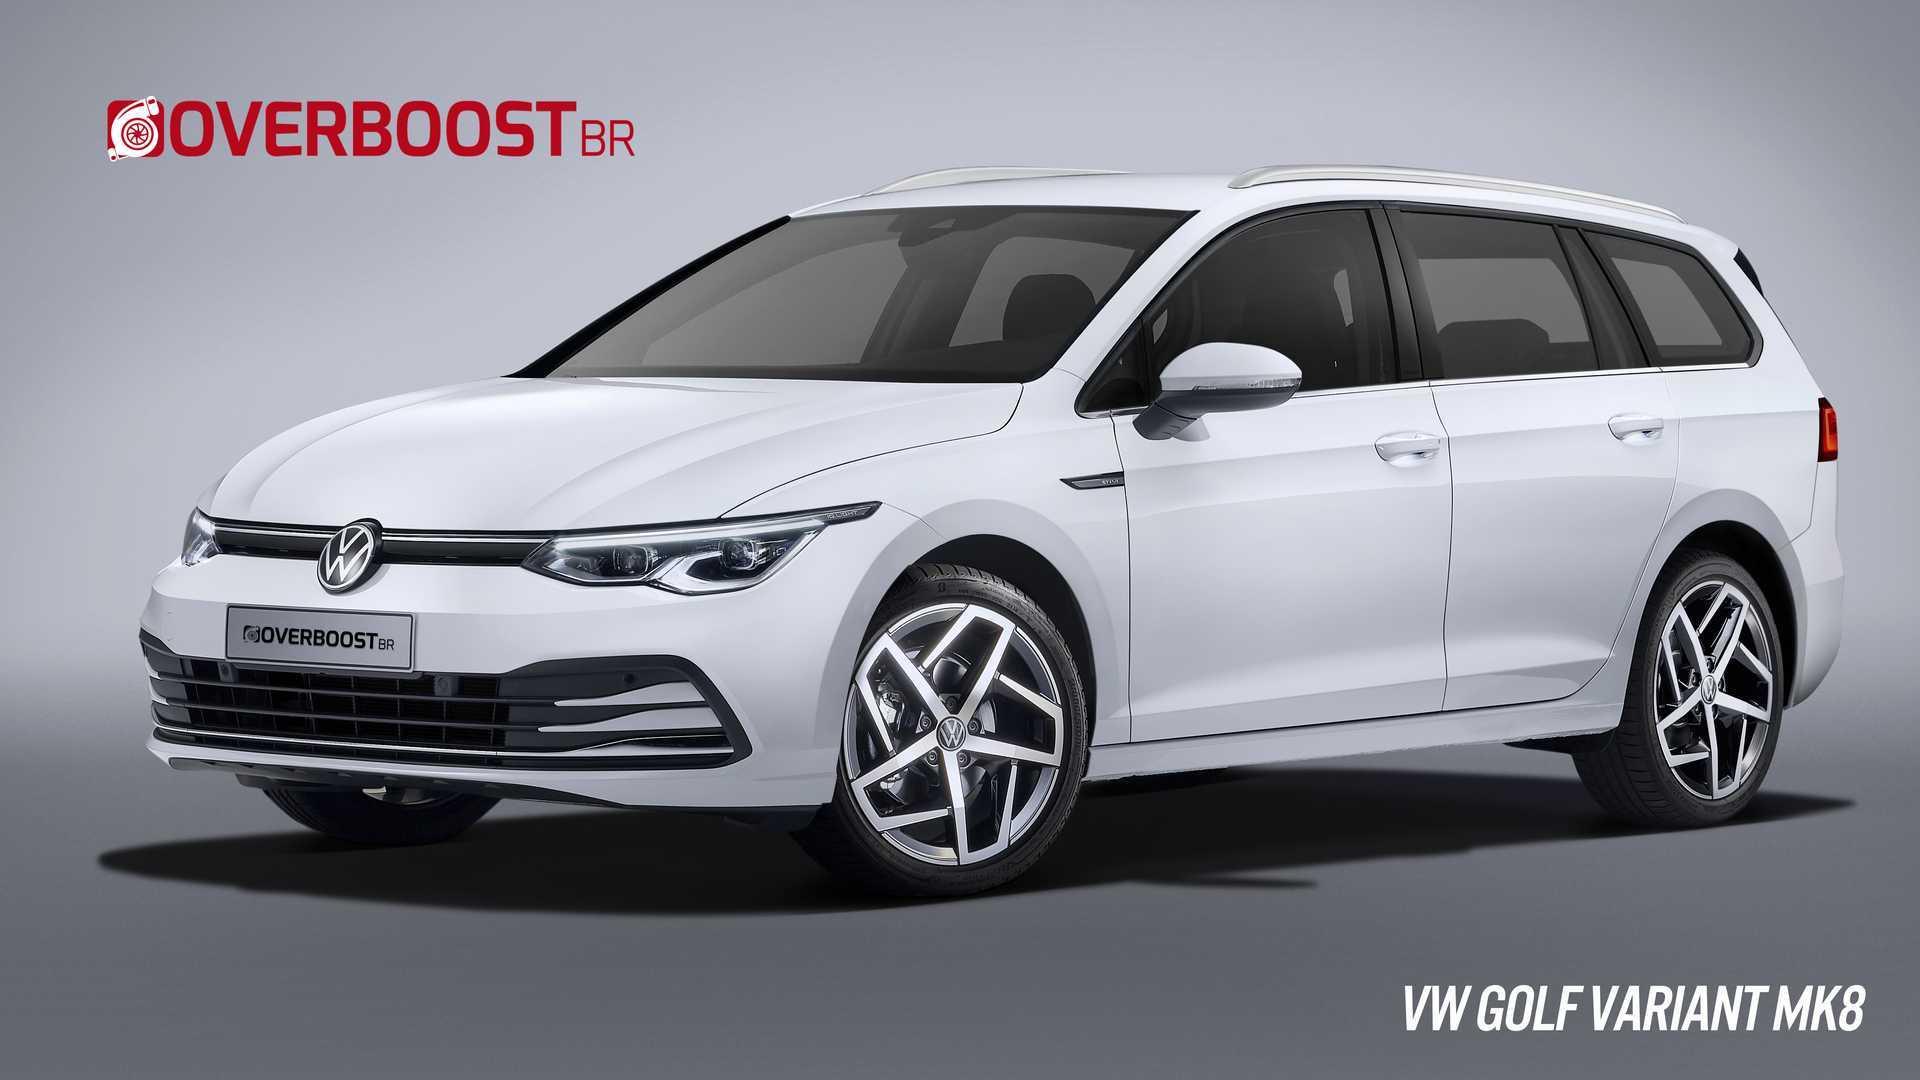 2020 Vw Golf Sportwagen Pictures